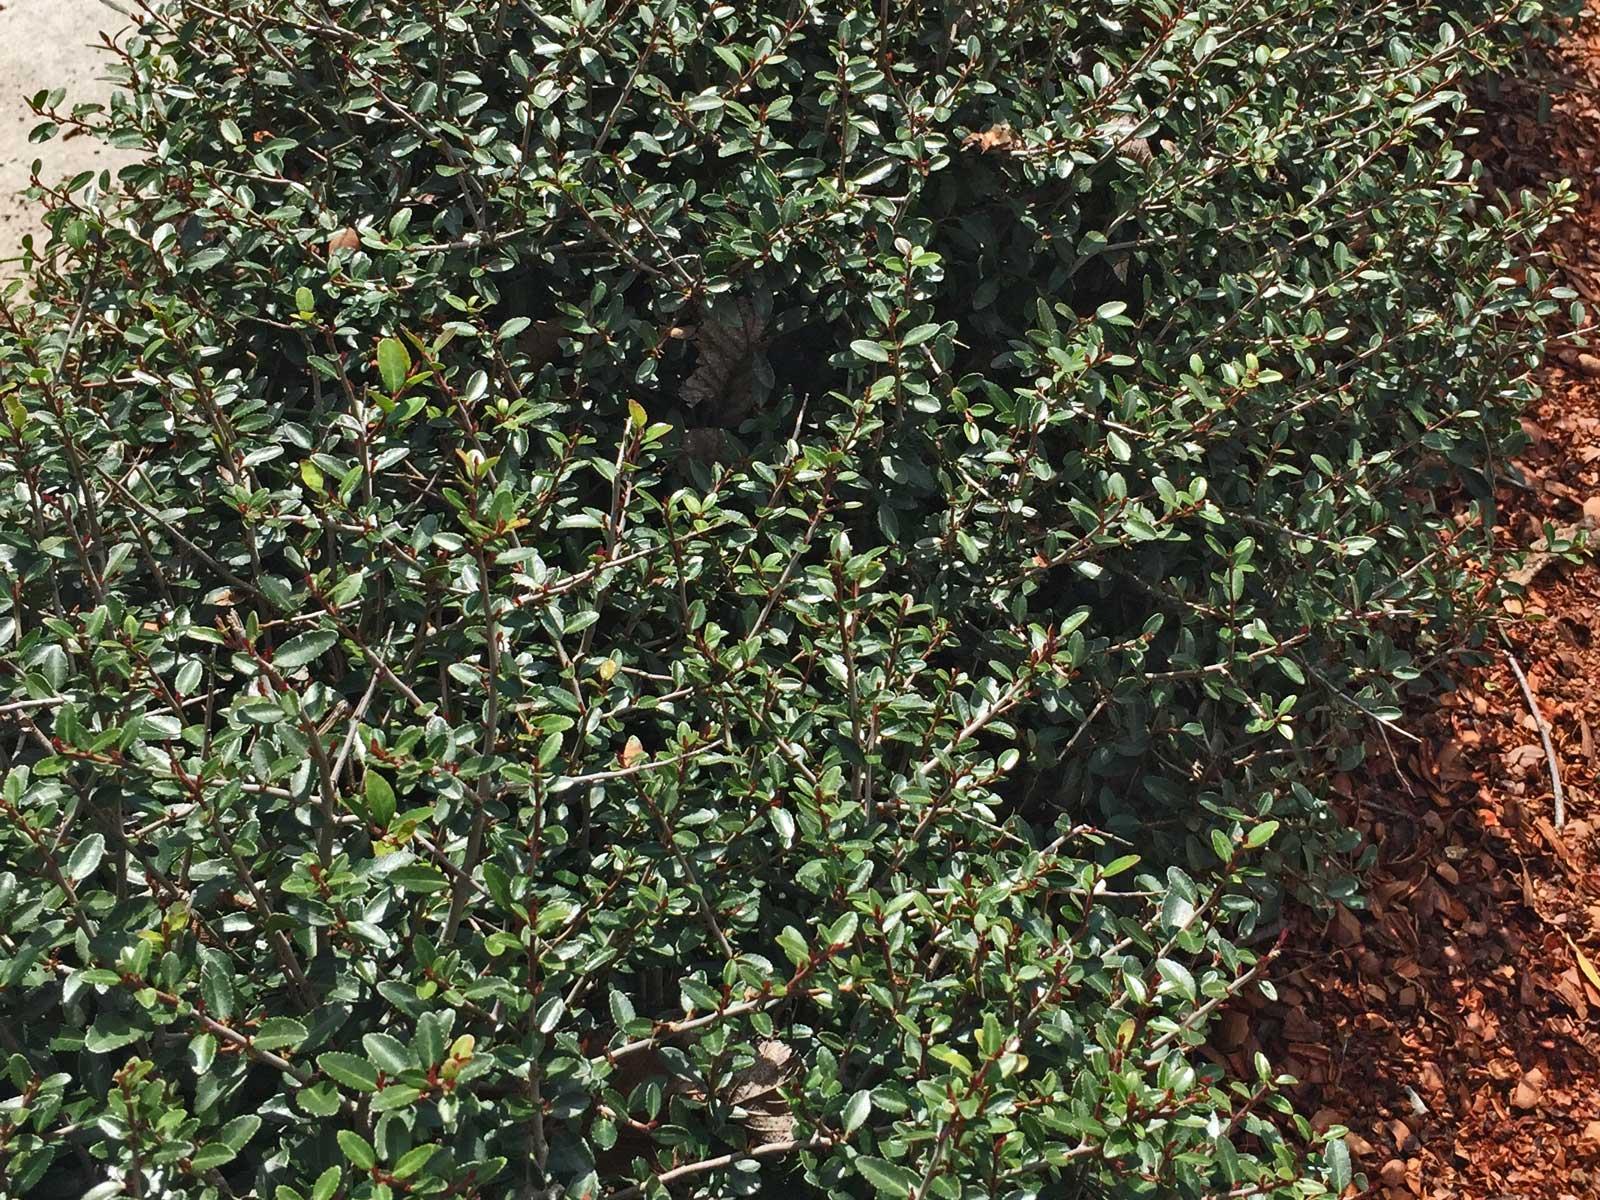 dwarf yaupon holly (ilex vomitoria 'nana')